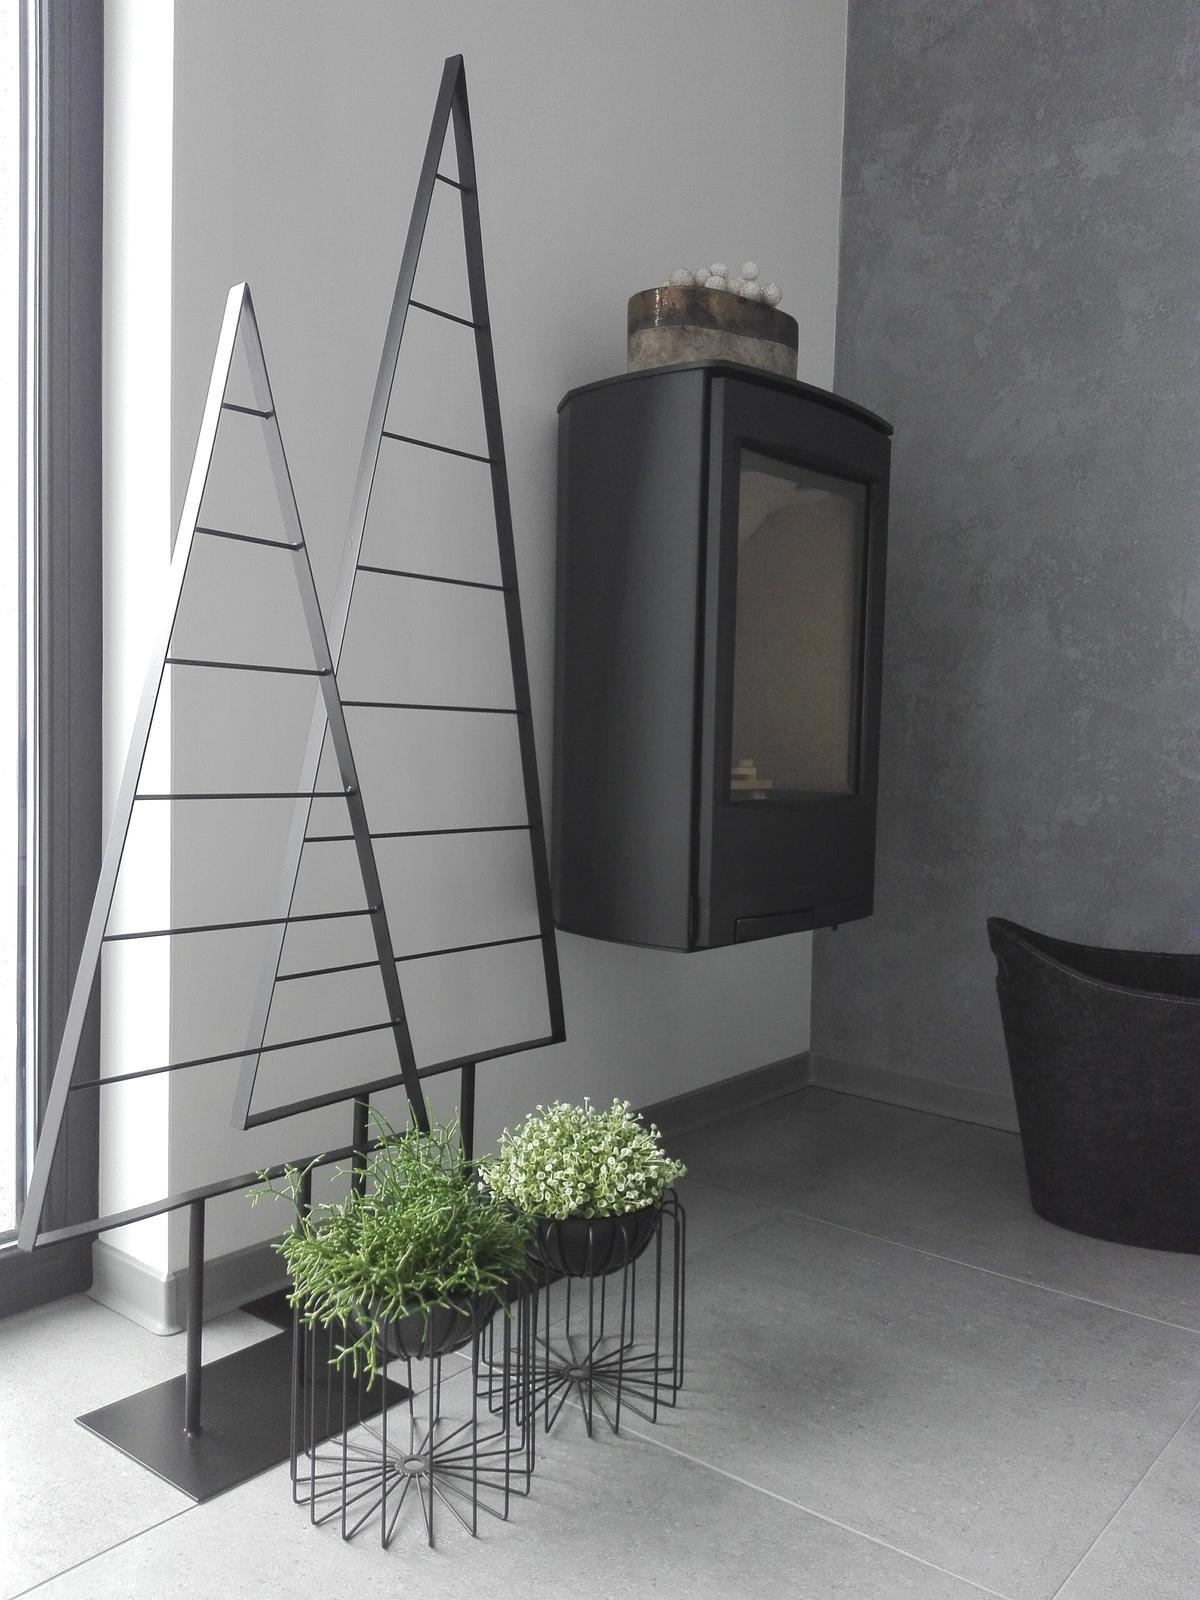 2x designovy kvetinac cerny kov, plastovy kvetinac - Obrázek č. 1